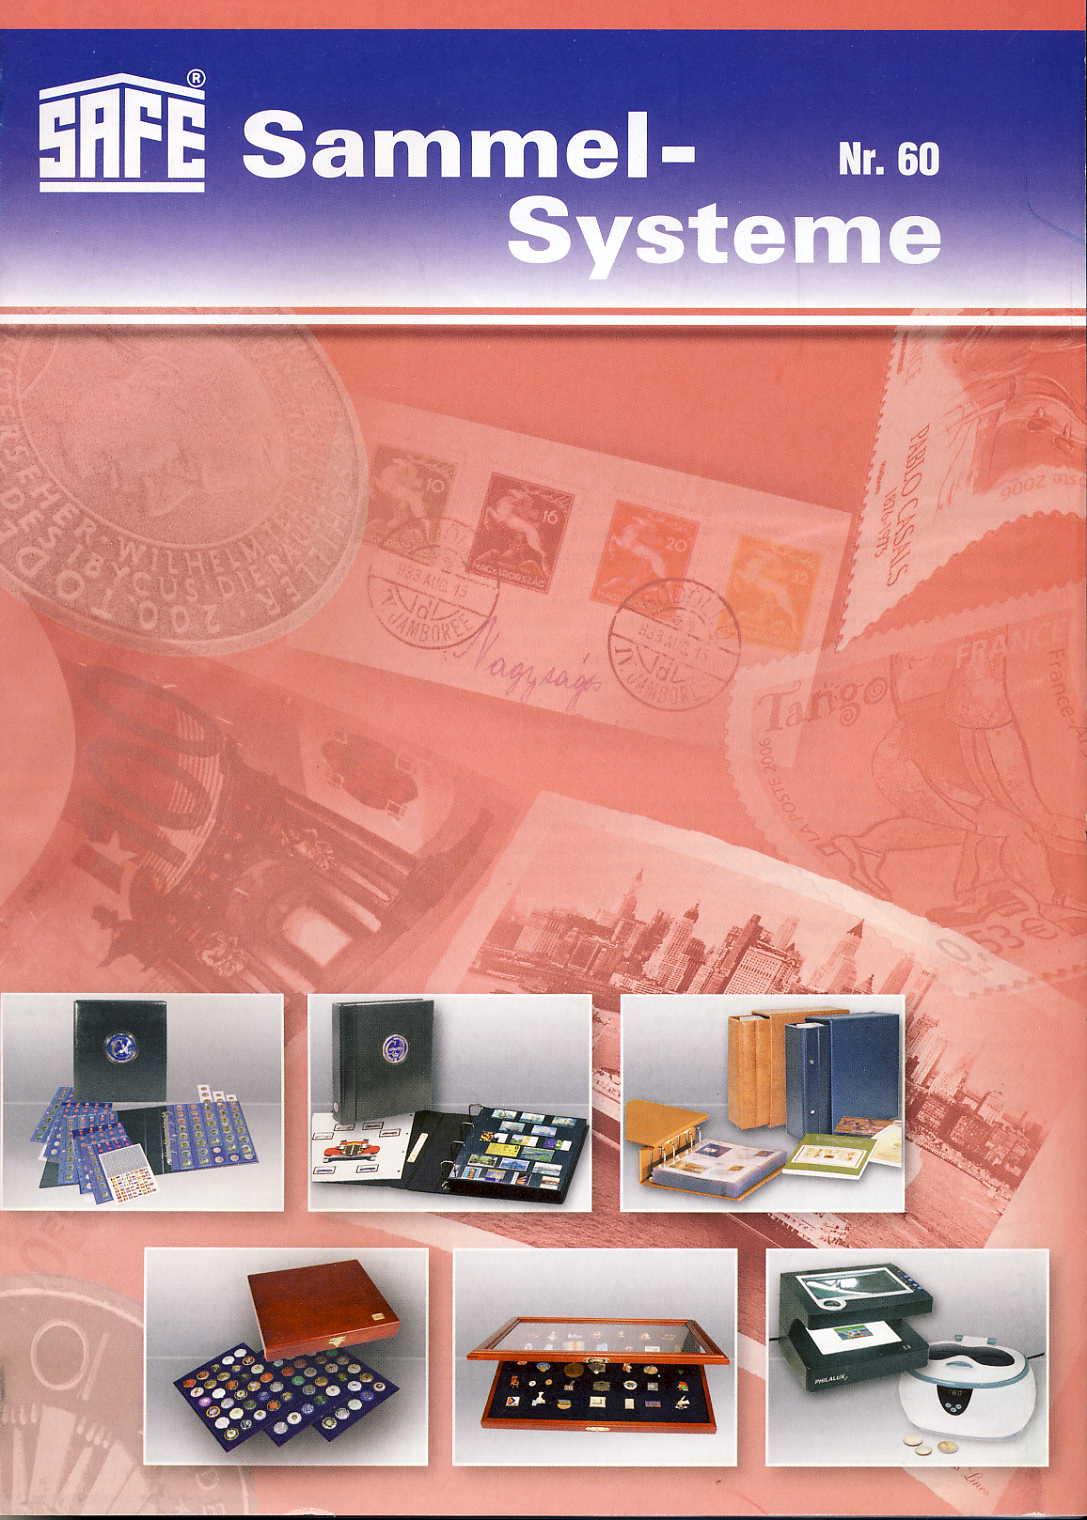 SAFE Verlagsverzeichnis Sammelsysteme Nr. 60 (2013)